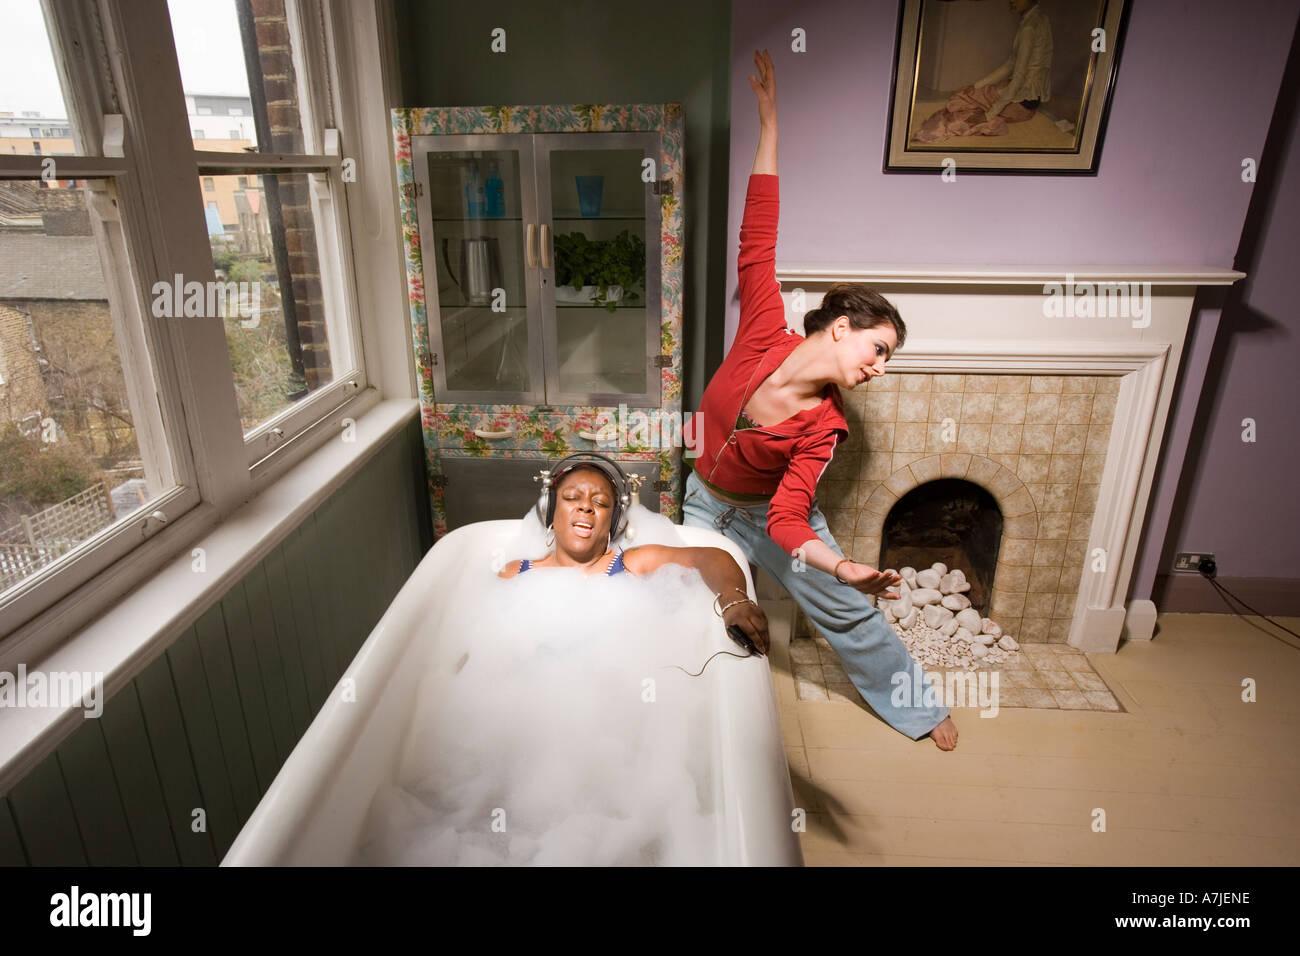 Eine Badezimmer-Szene mit einer jungen Frau, die mitten in der ...